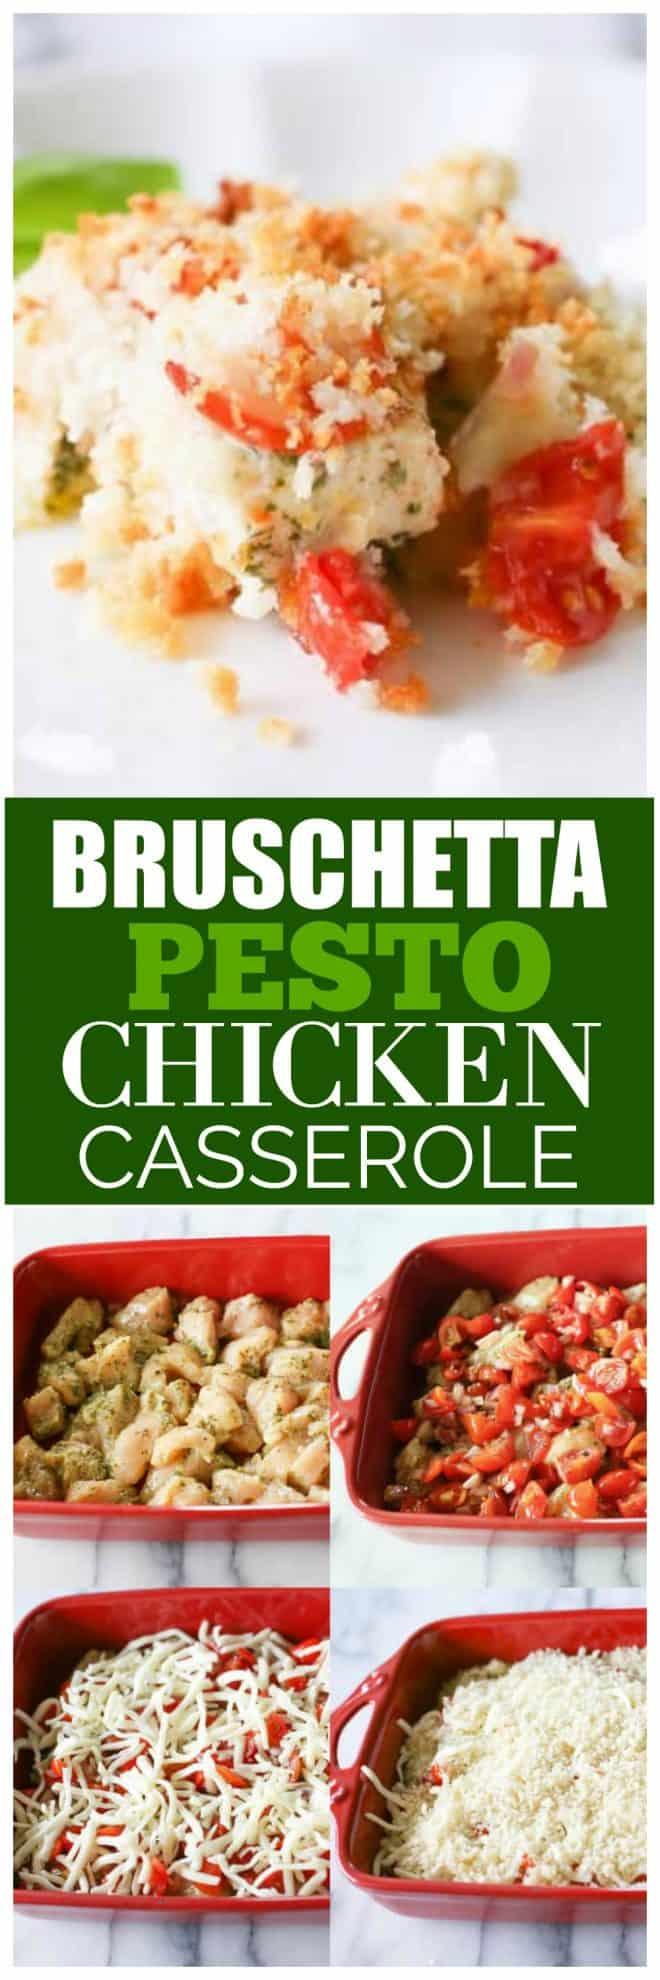 Bruschetta Pesto Chicken Casserole